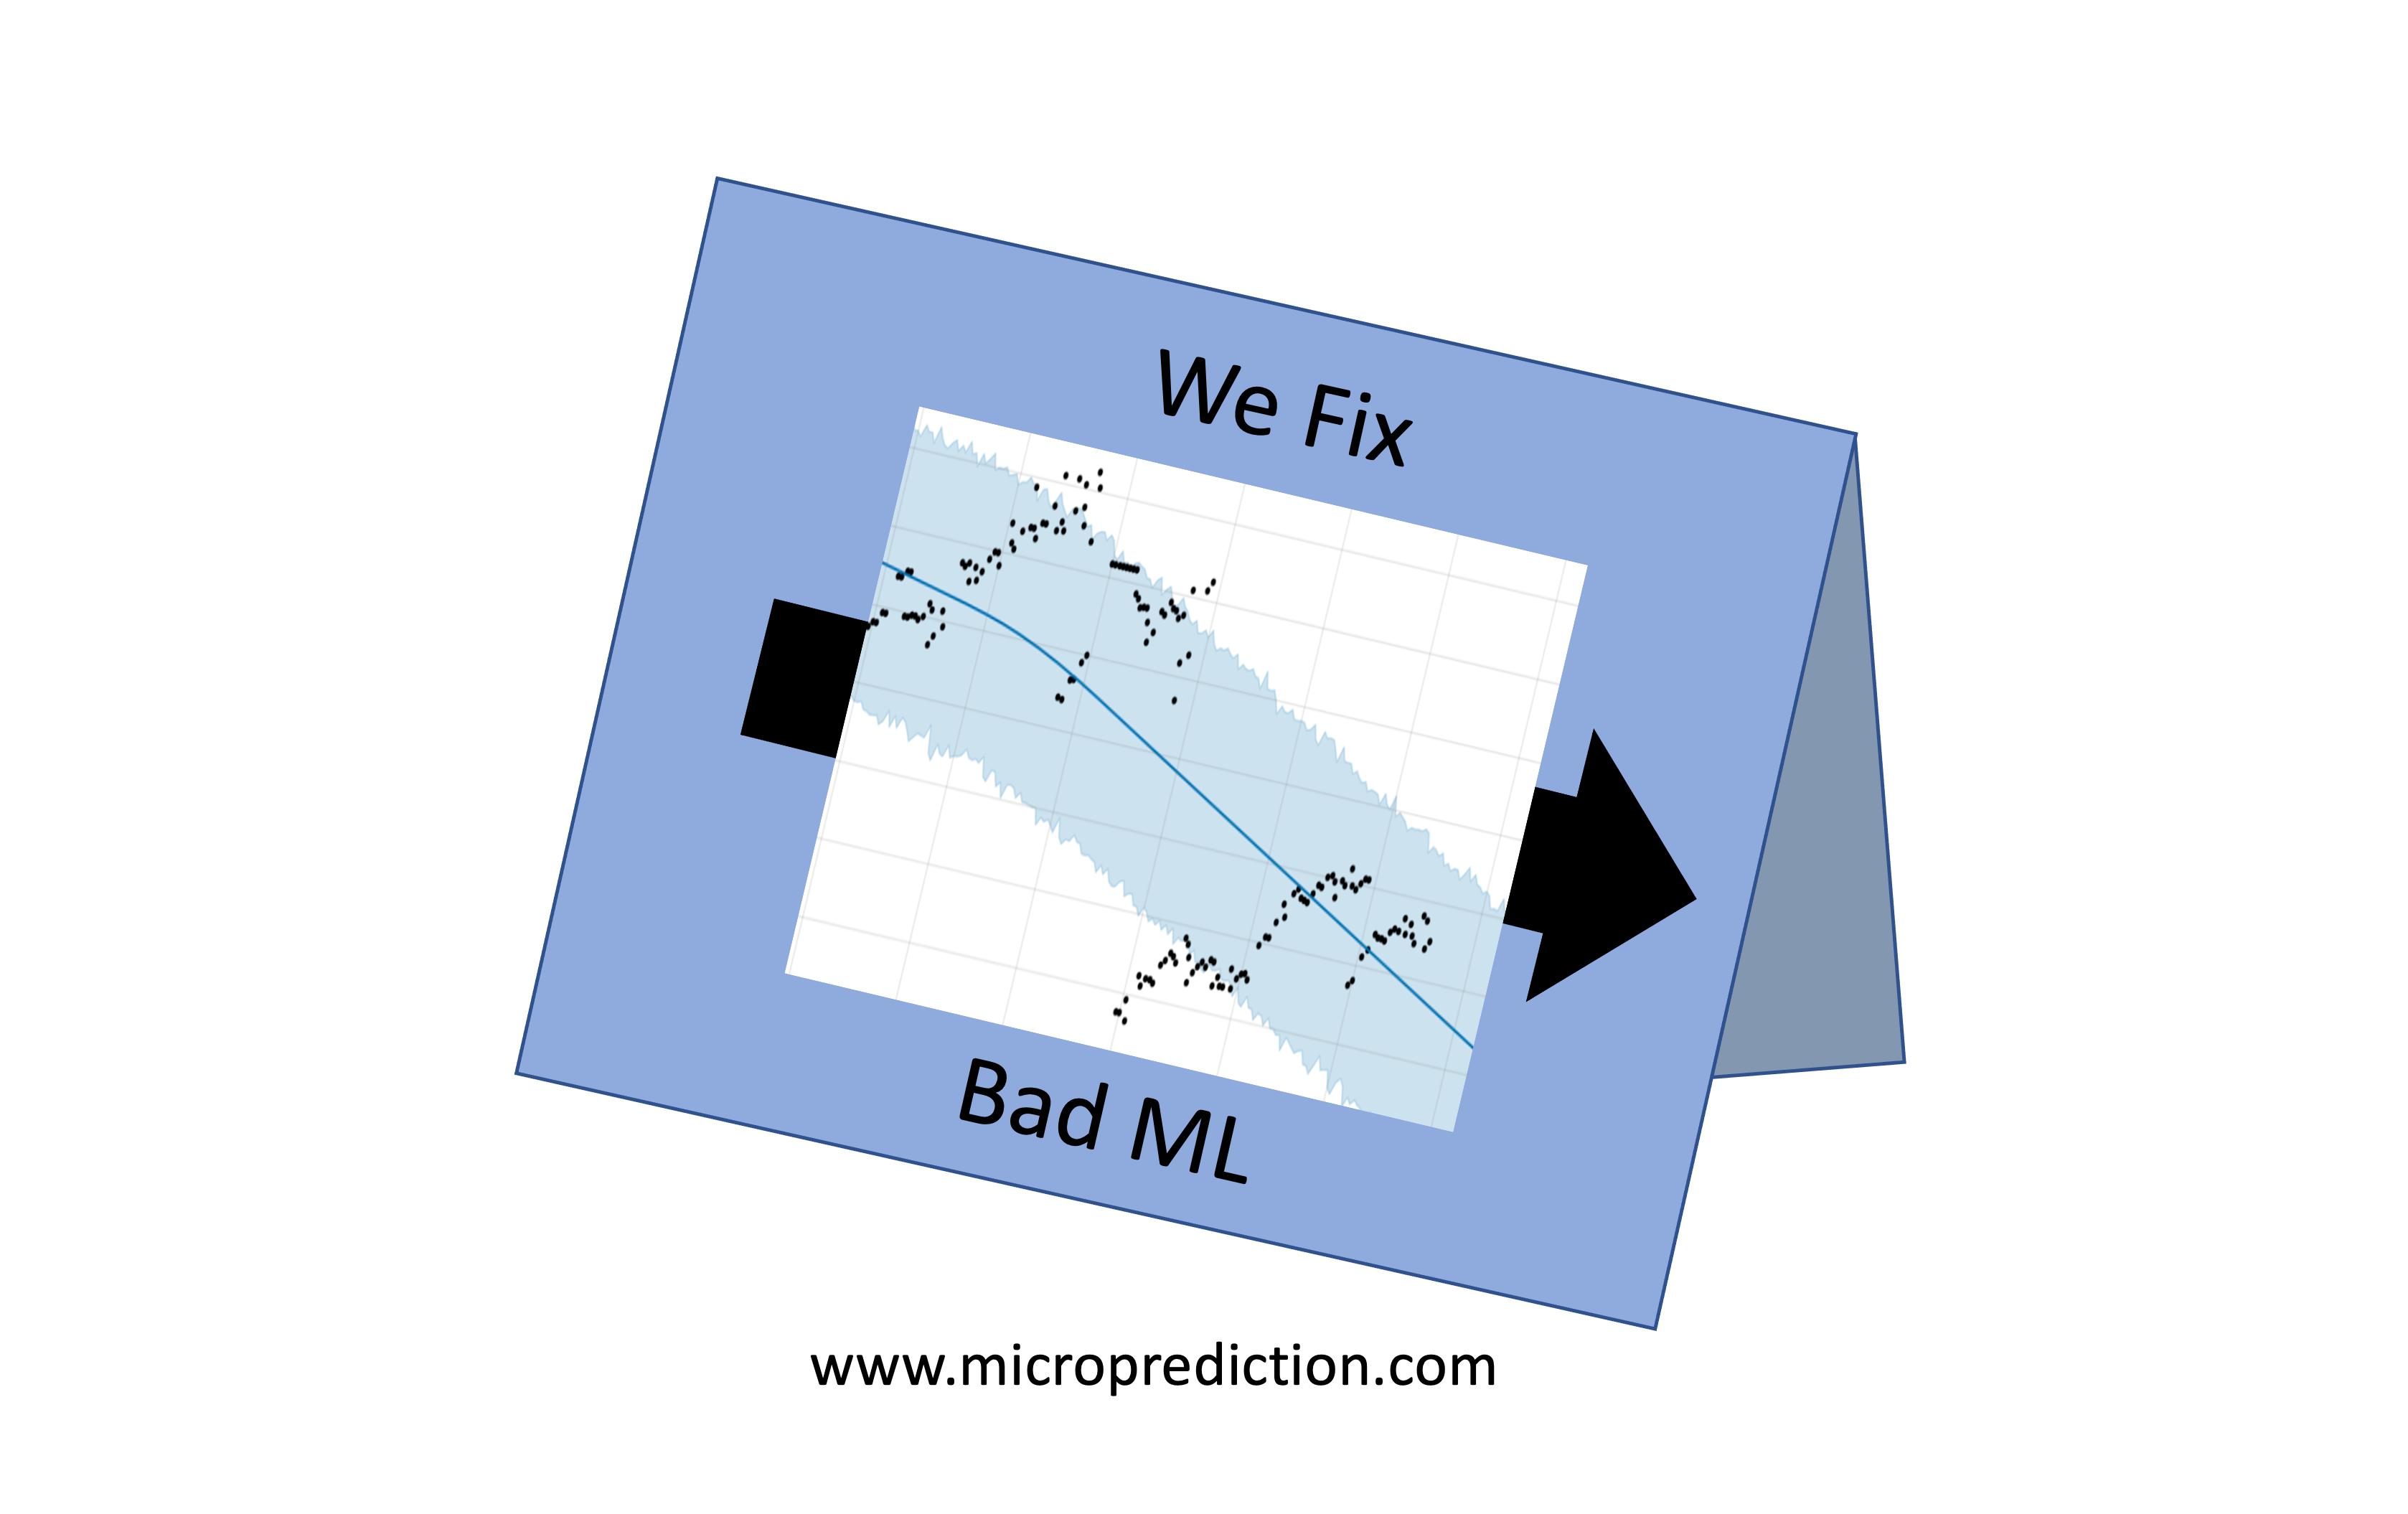 we_fix_bad_ml